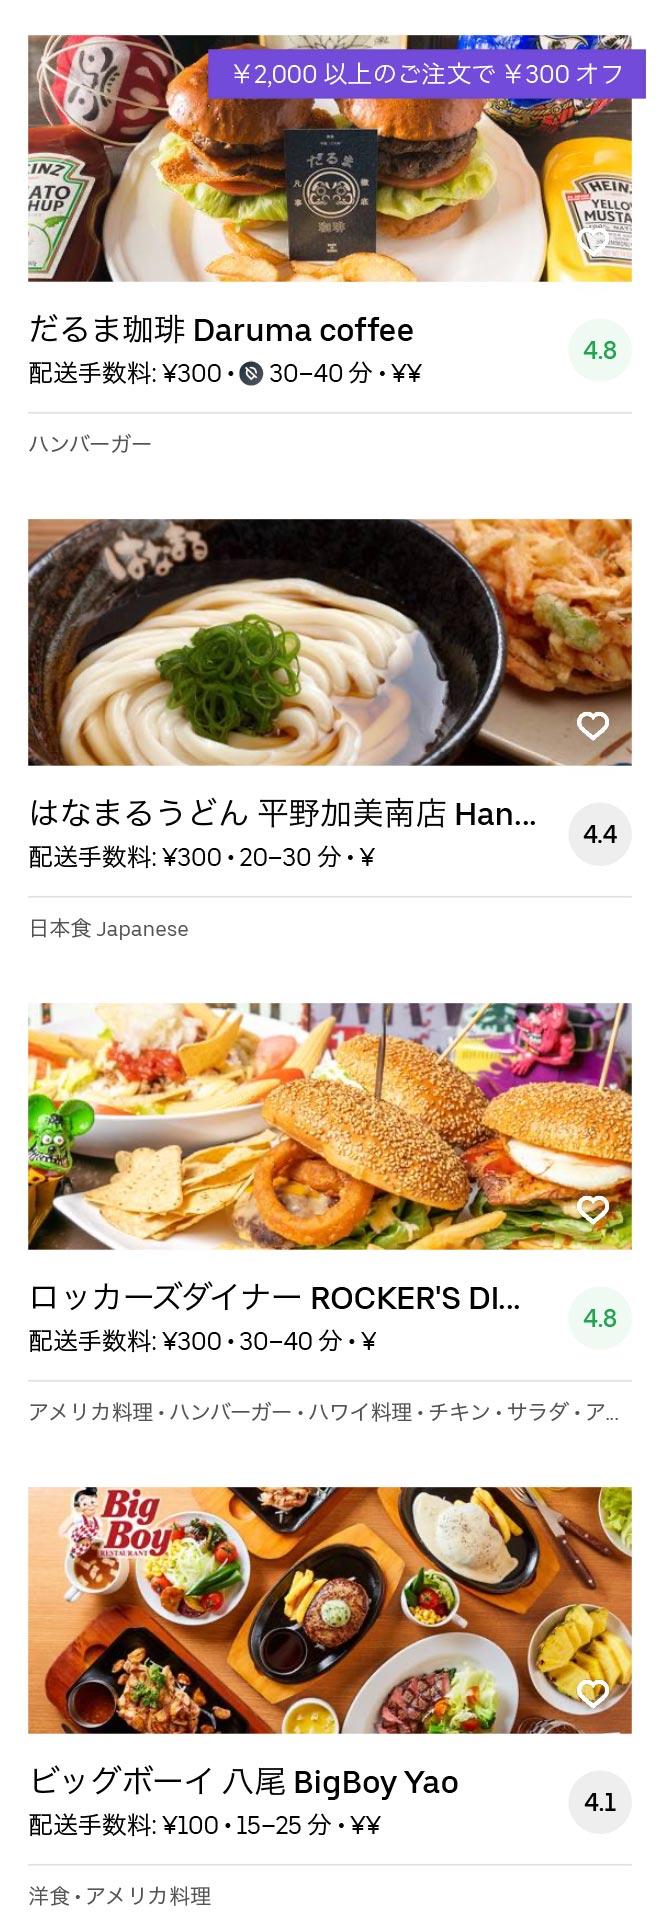 Osaka yao menu 2005 08